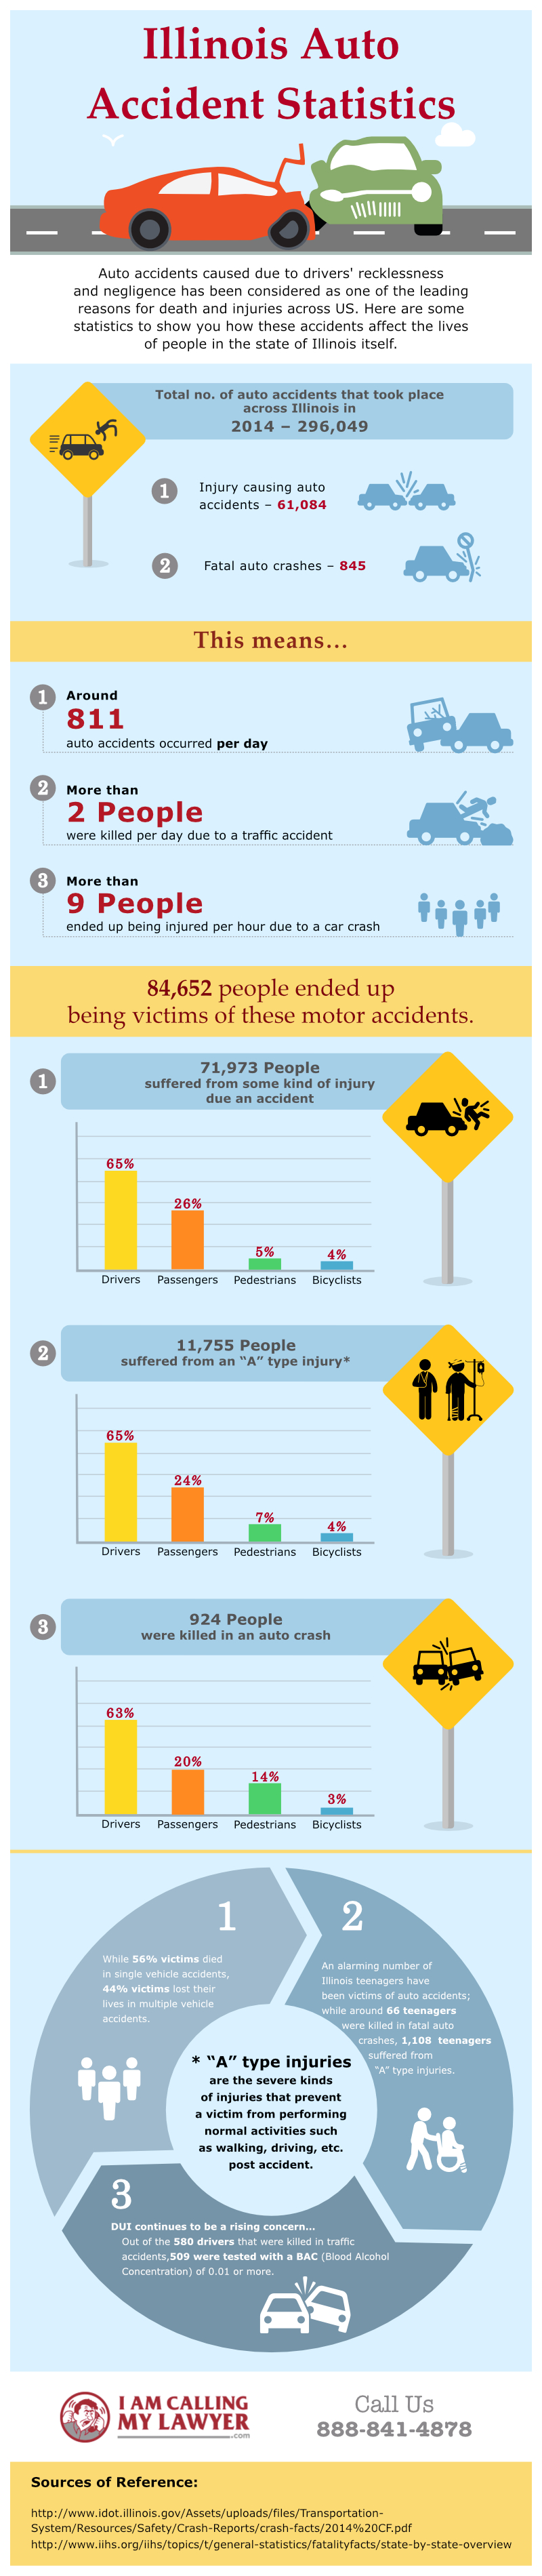 iamcallingmylawyer.com - Infographic(09-07-2016)